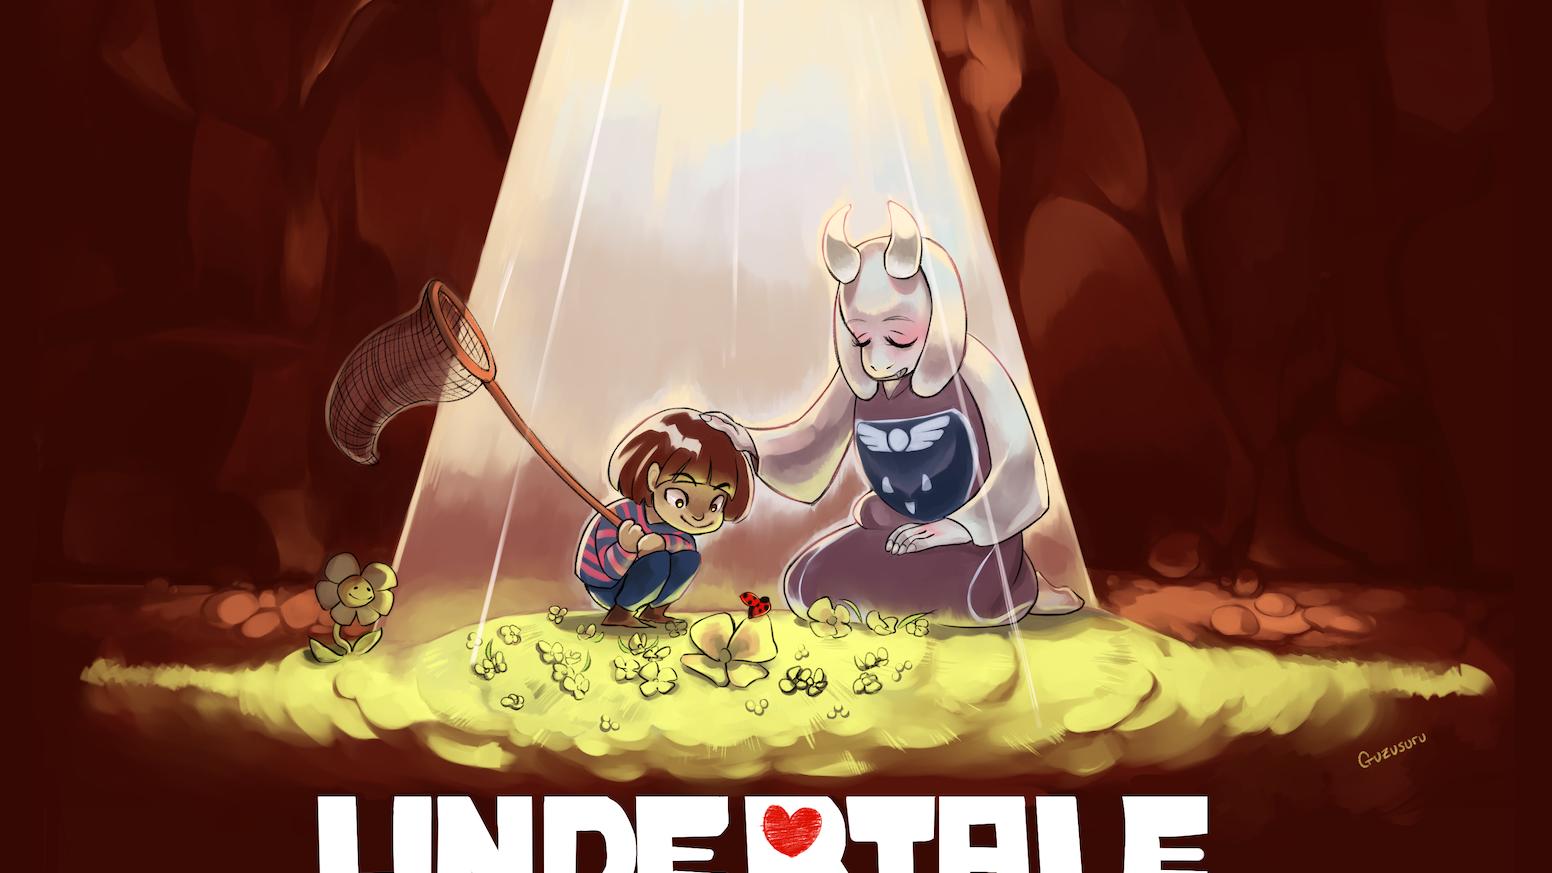 UnderTale by Toby Fox — Kickstarter